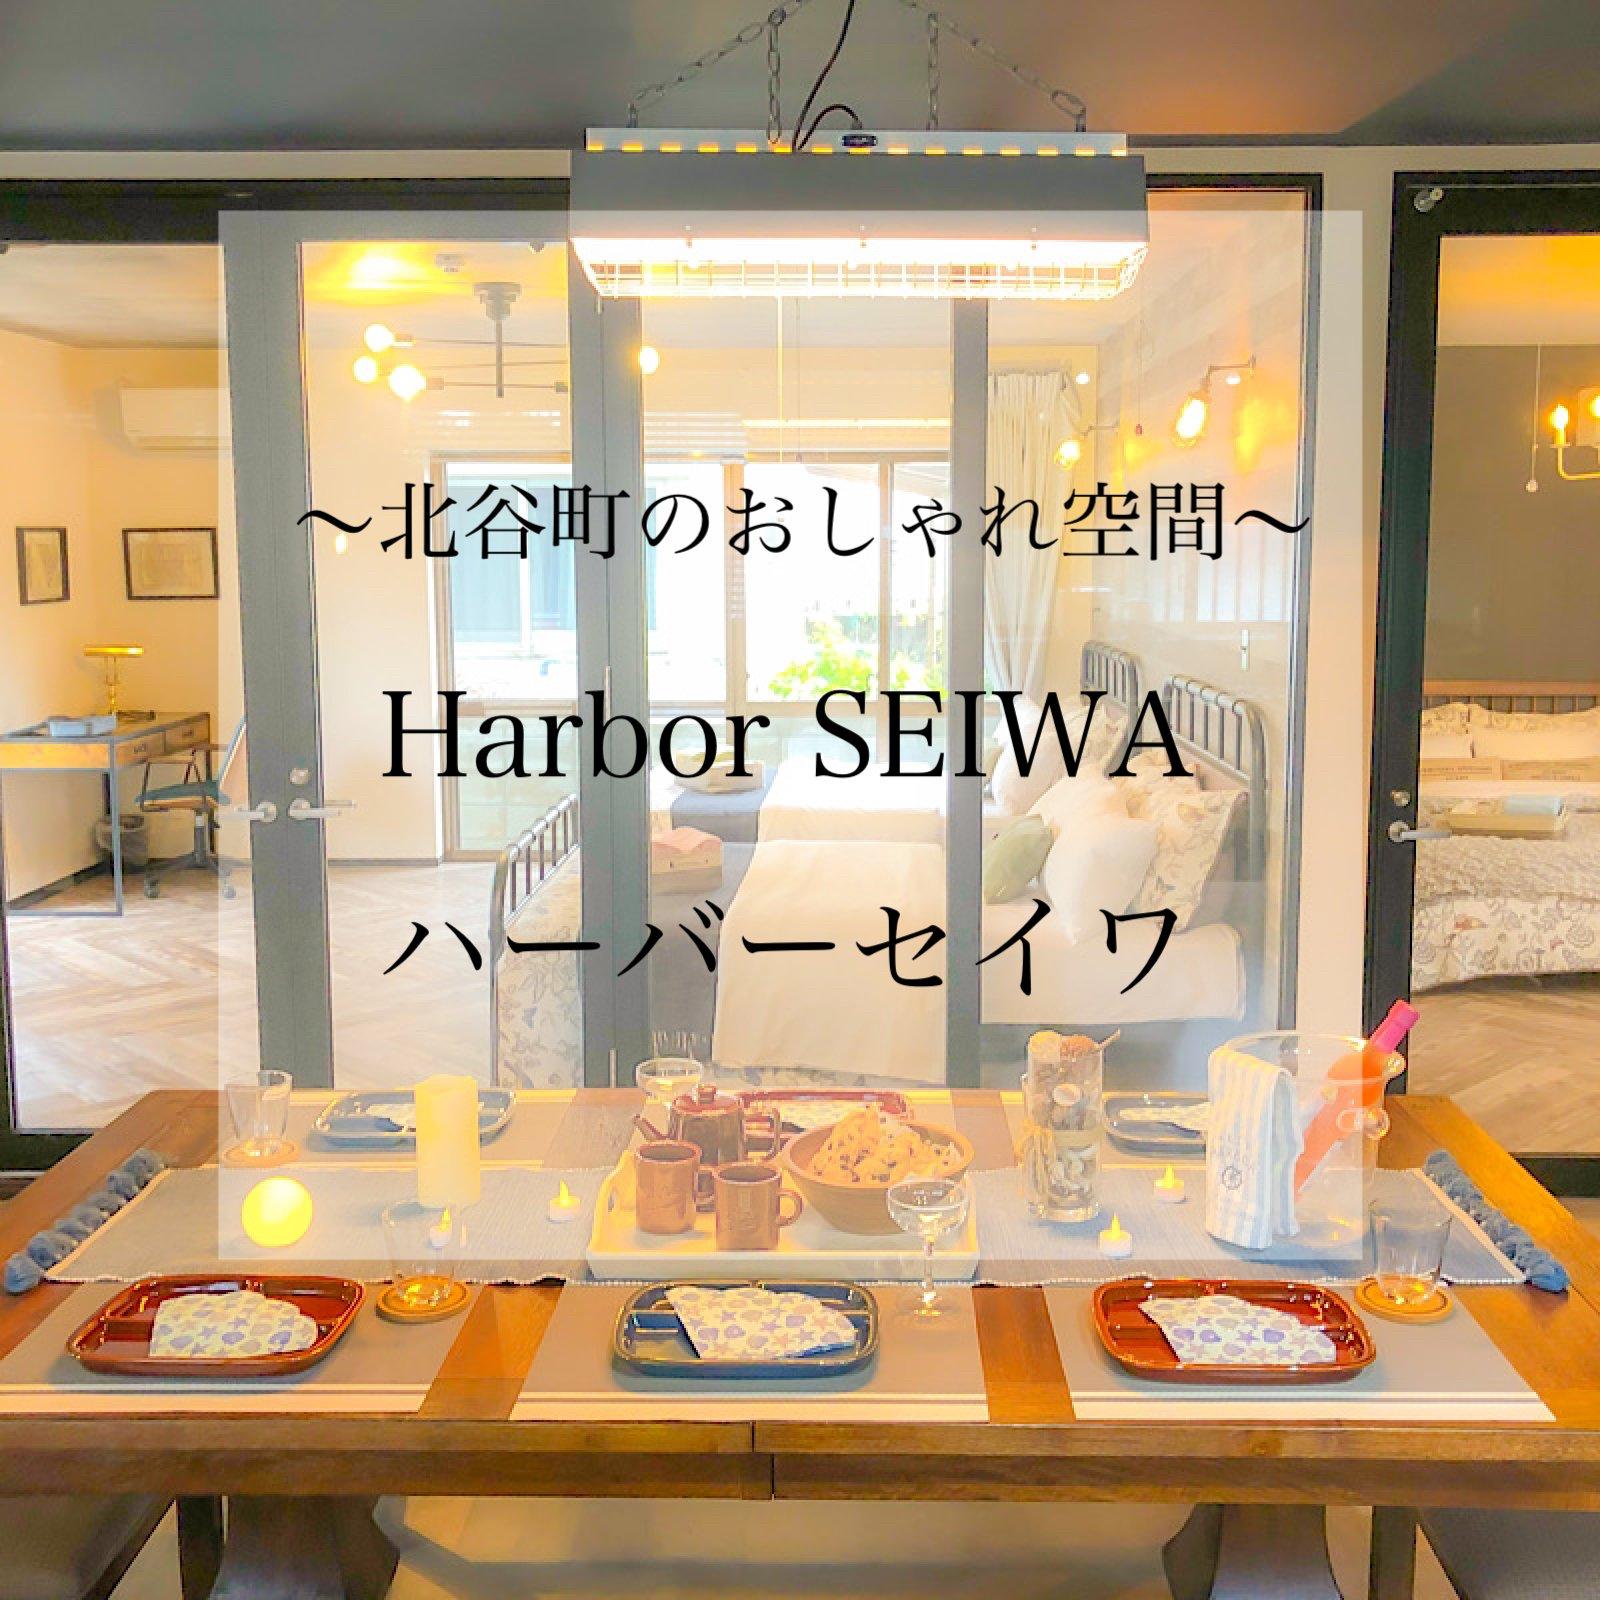 【2020年9月末までの期間限定】地元宿泊プラン⭐︎ Harbor SEIWA ⭐︎のイメージその1